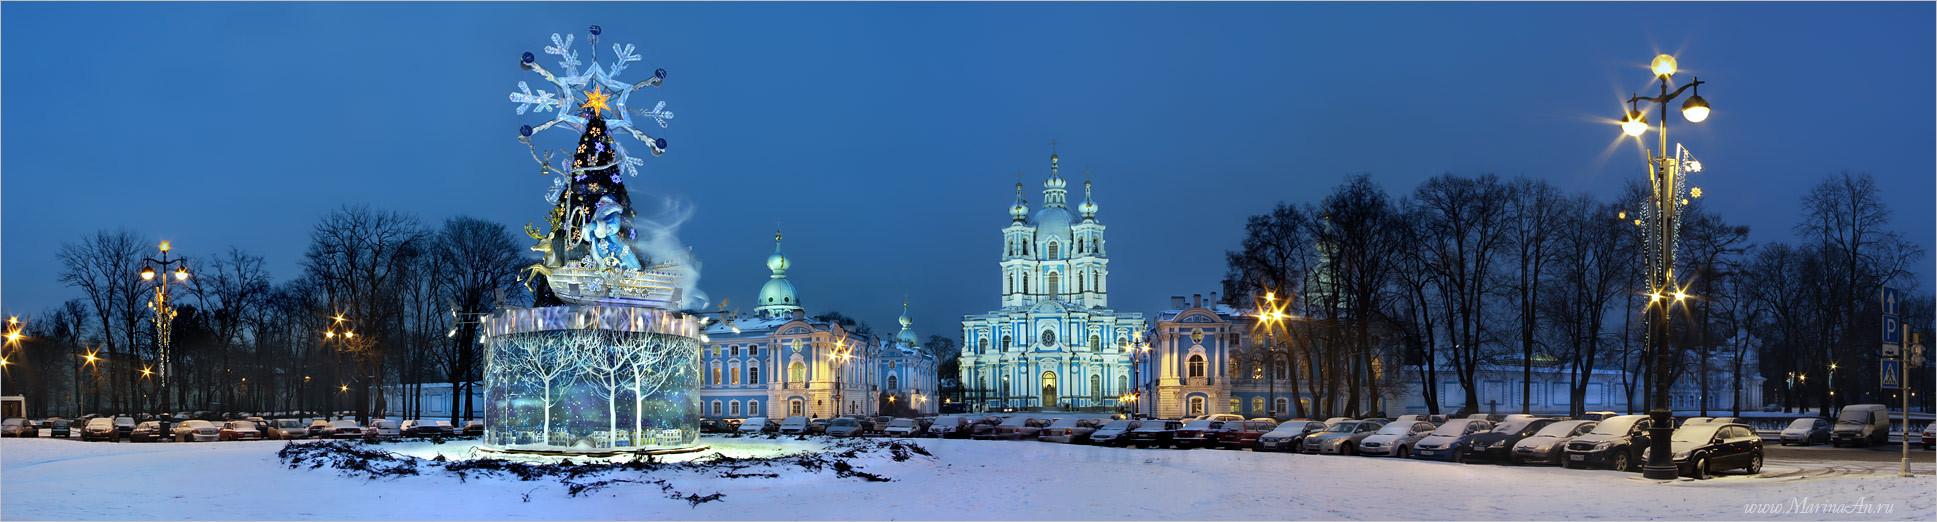 купить туры на отдых в России